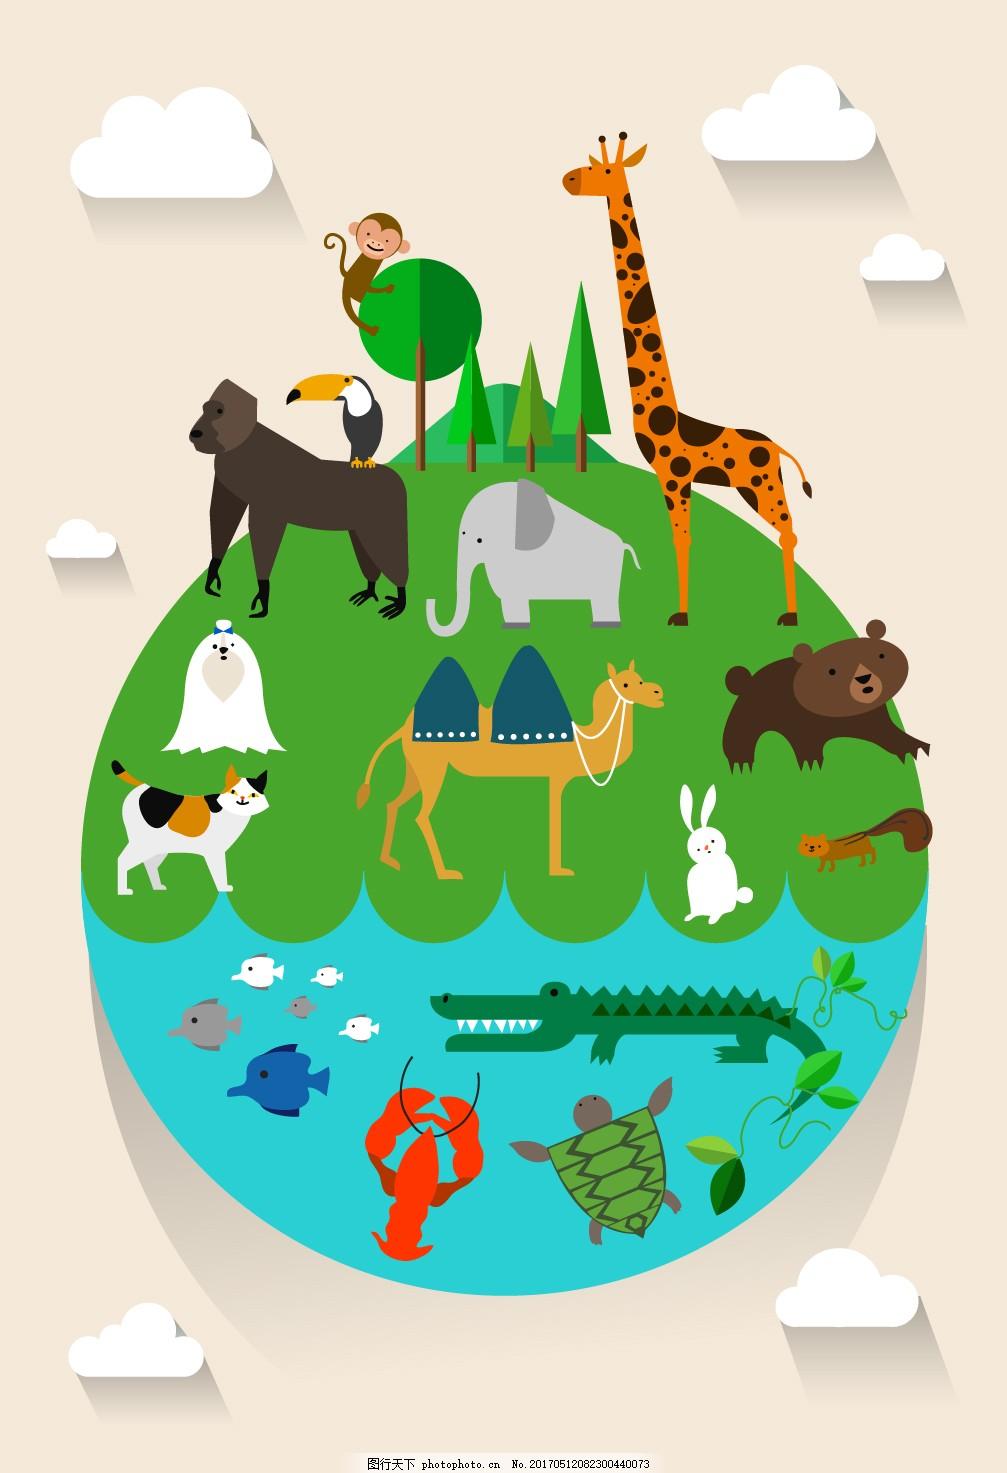 矢量扁平动物地球素材